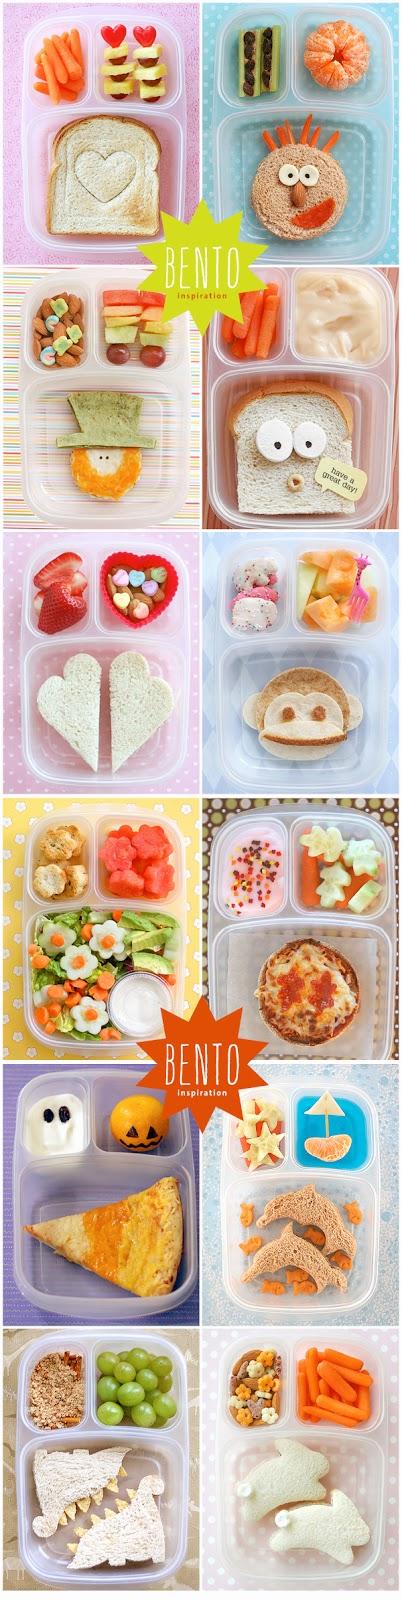 Παιδικά γεύματα, γεμάτα έμπνευση!